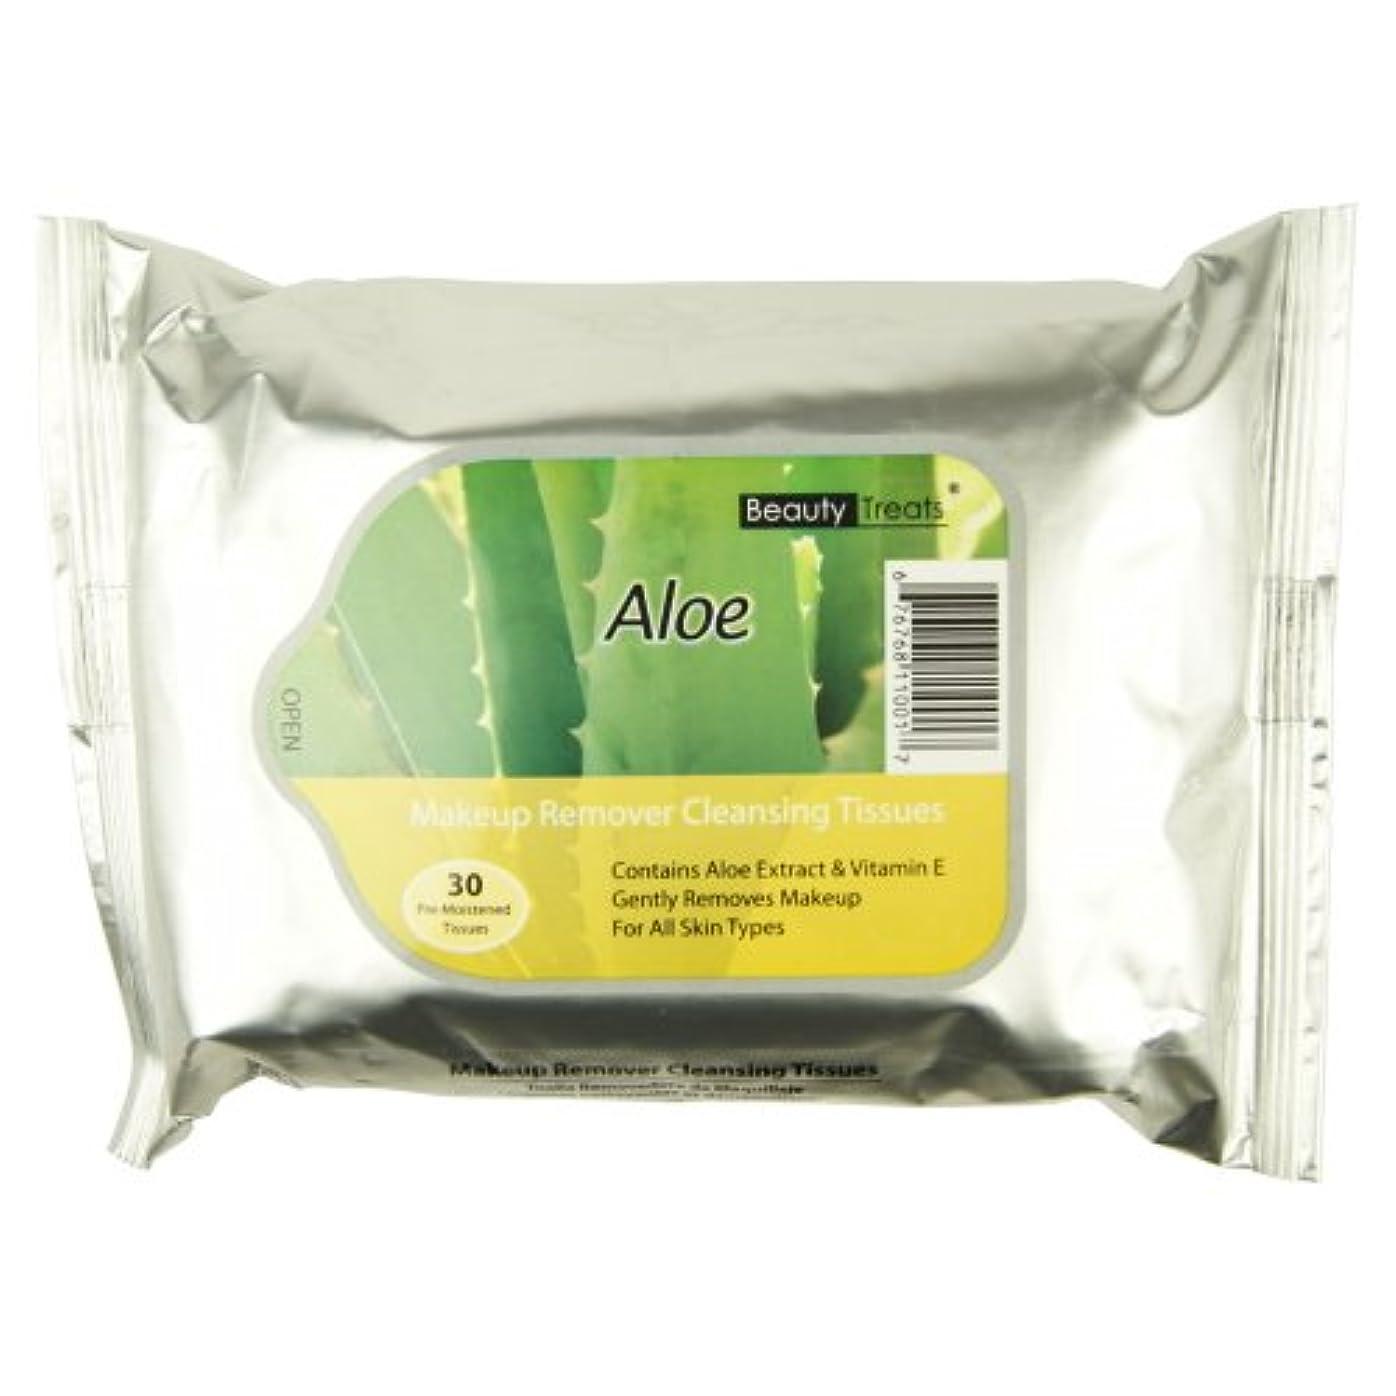 誤ビタミン過剰BEAUTY TREATS Makeup Remover Cleansing Tissues - Aloe (並行輸入品)